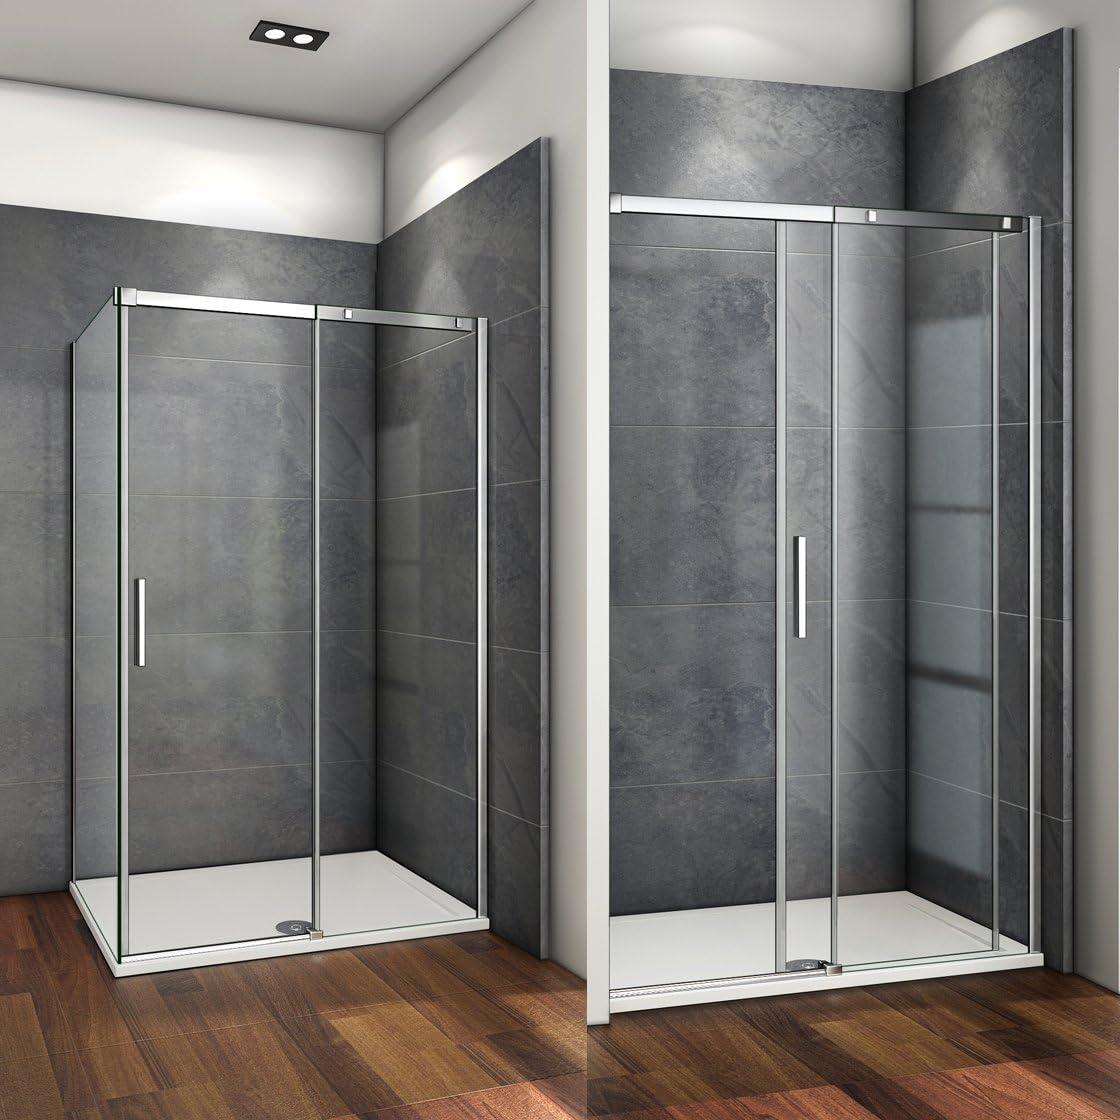 125x195cm Mamparas de ducha puerta de ducha 6mm vidrio templado de Aica